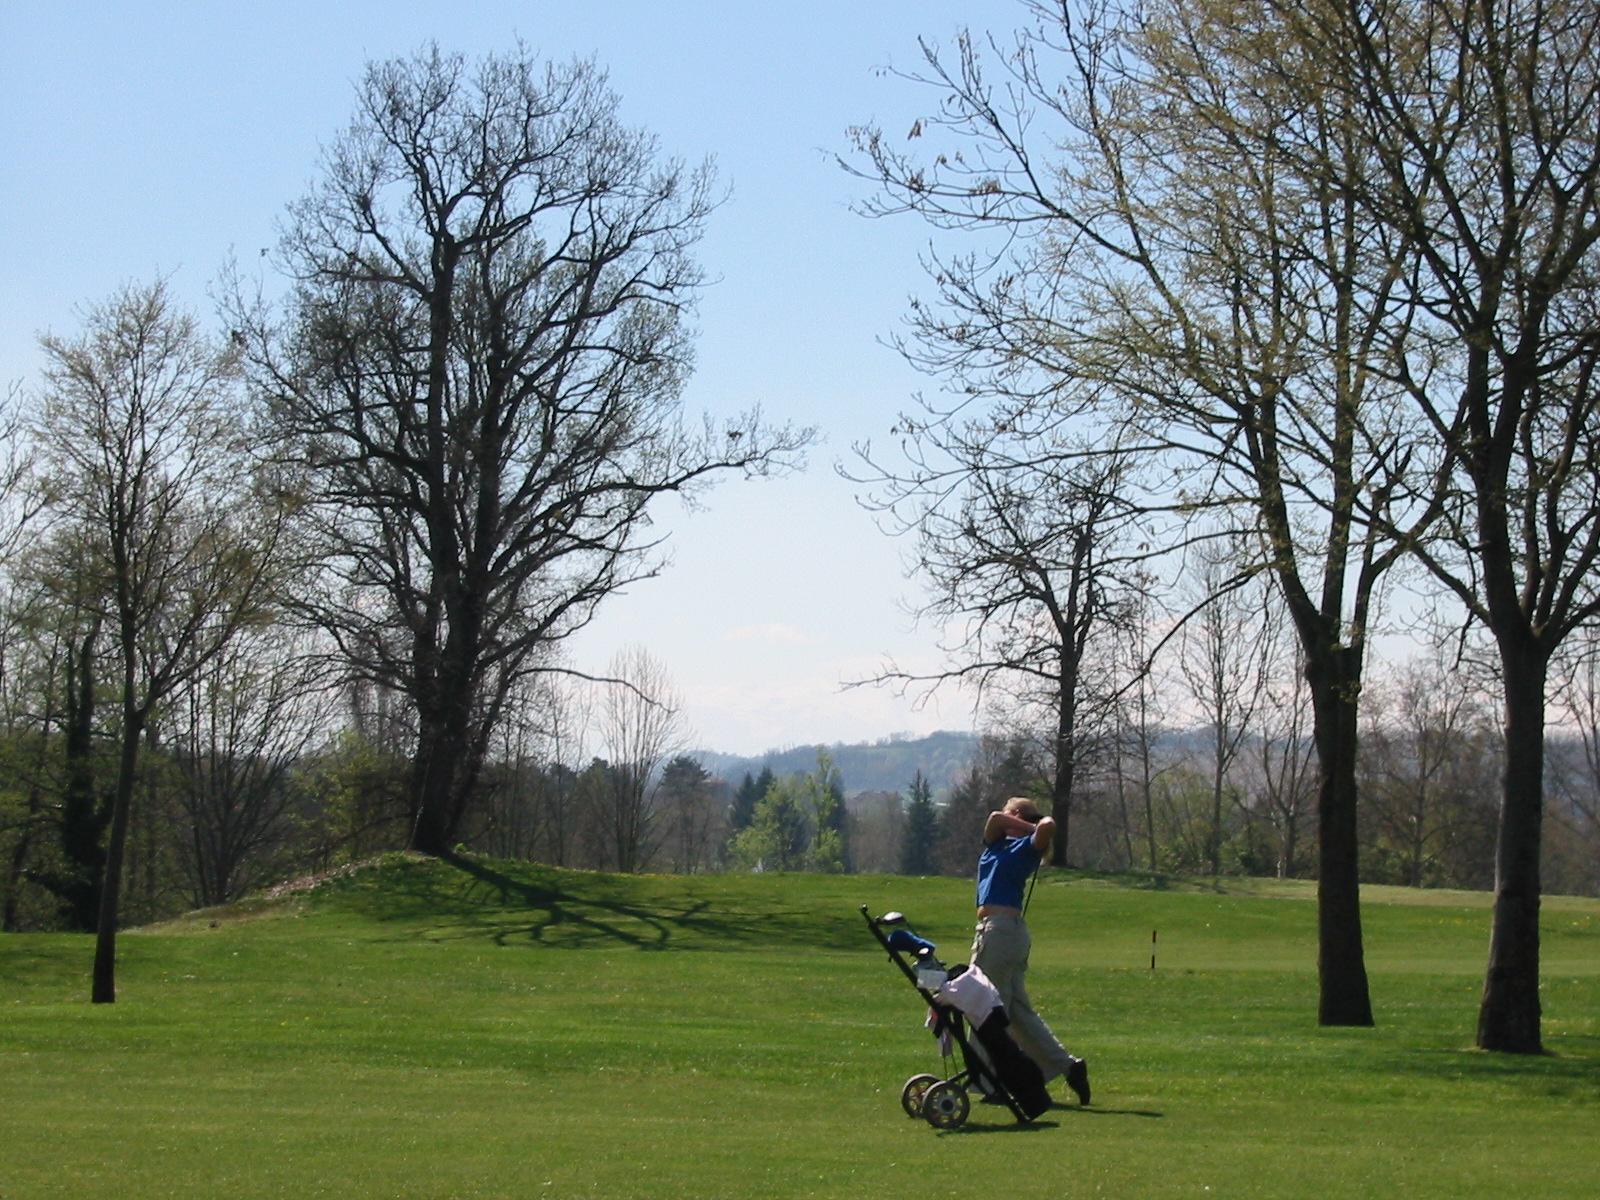 Golfen im Februar in der Toskana auf Sommergruens